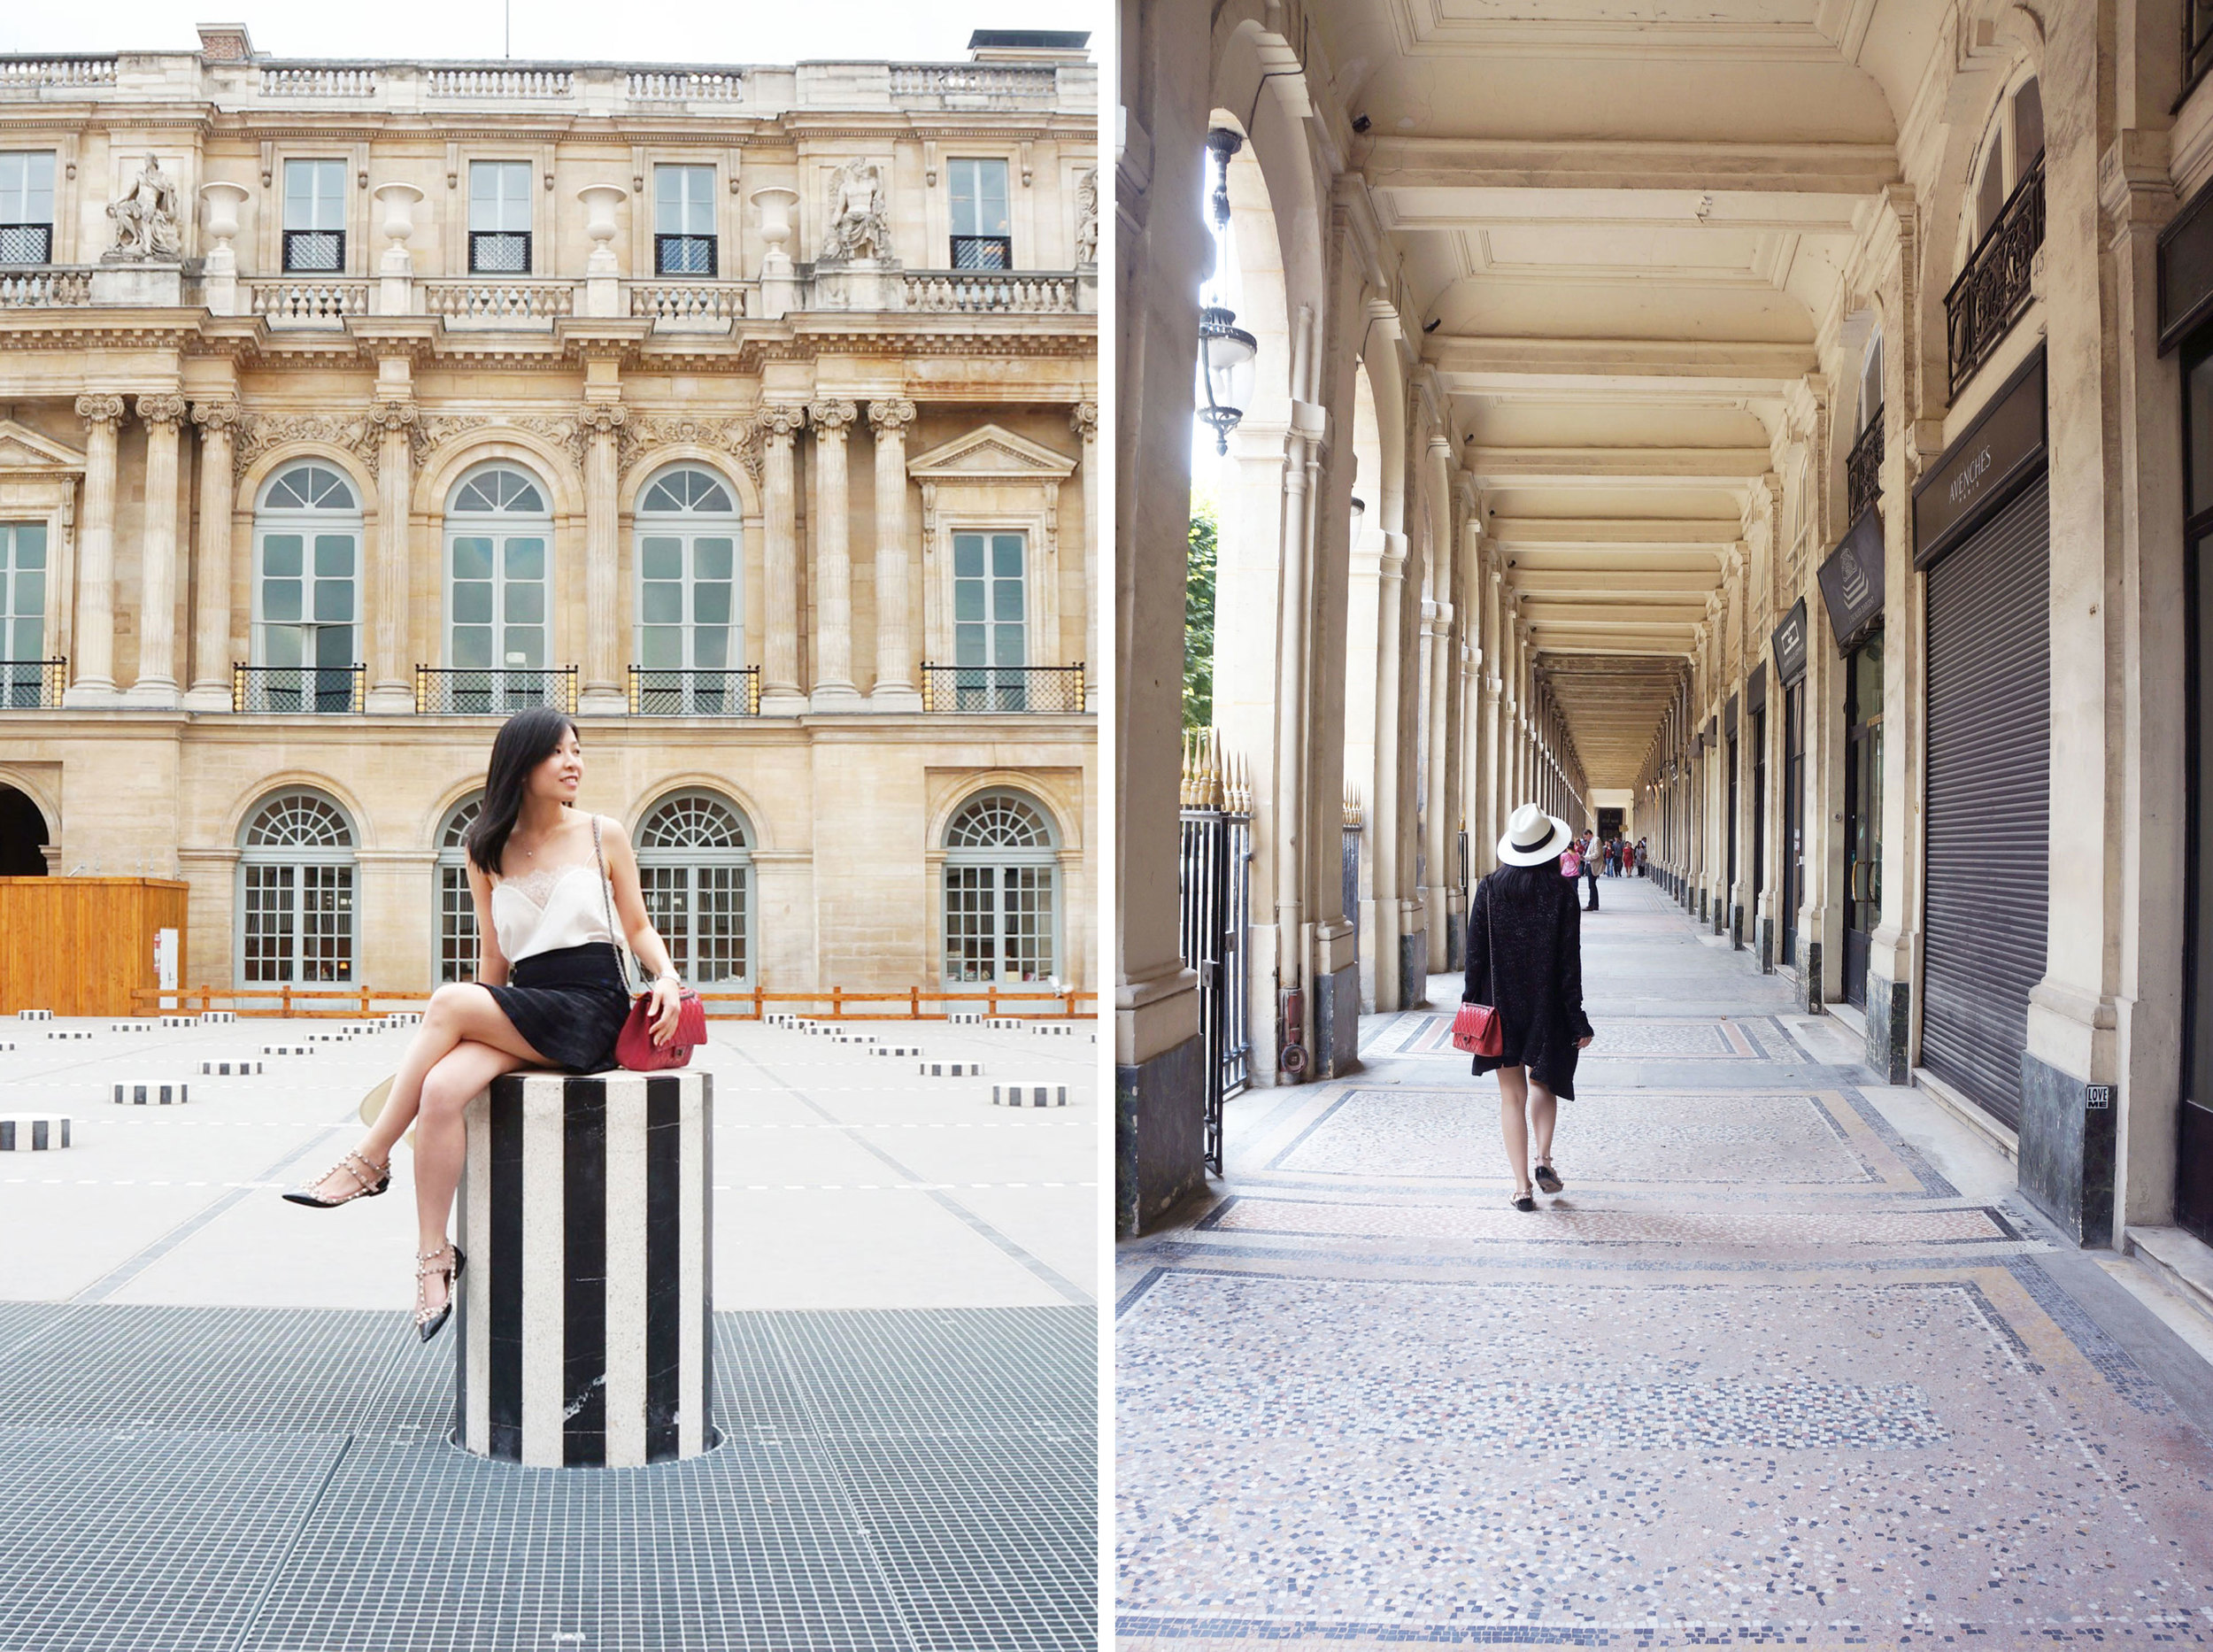 Palais Royal and Daniel Buren's Les Deux Plateau